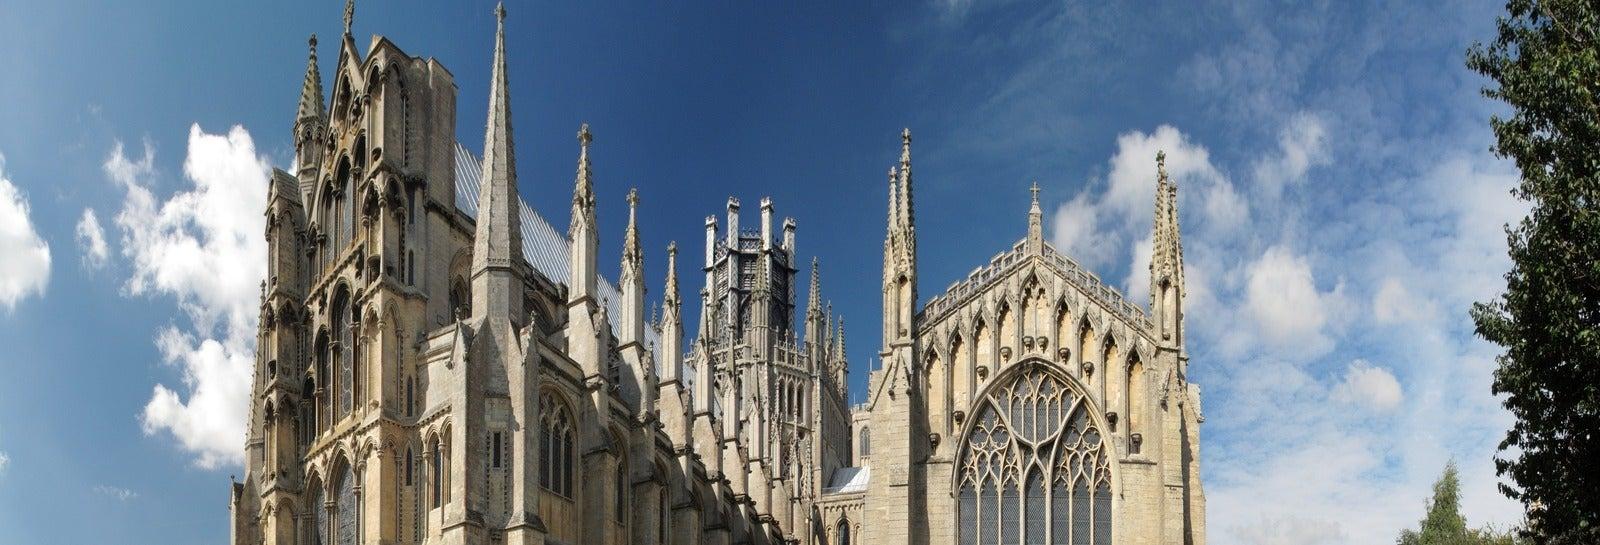 Ingresso da Catedral de Ely